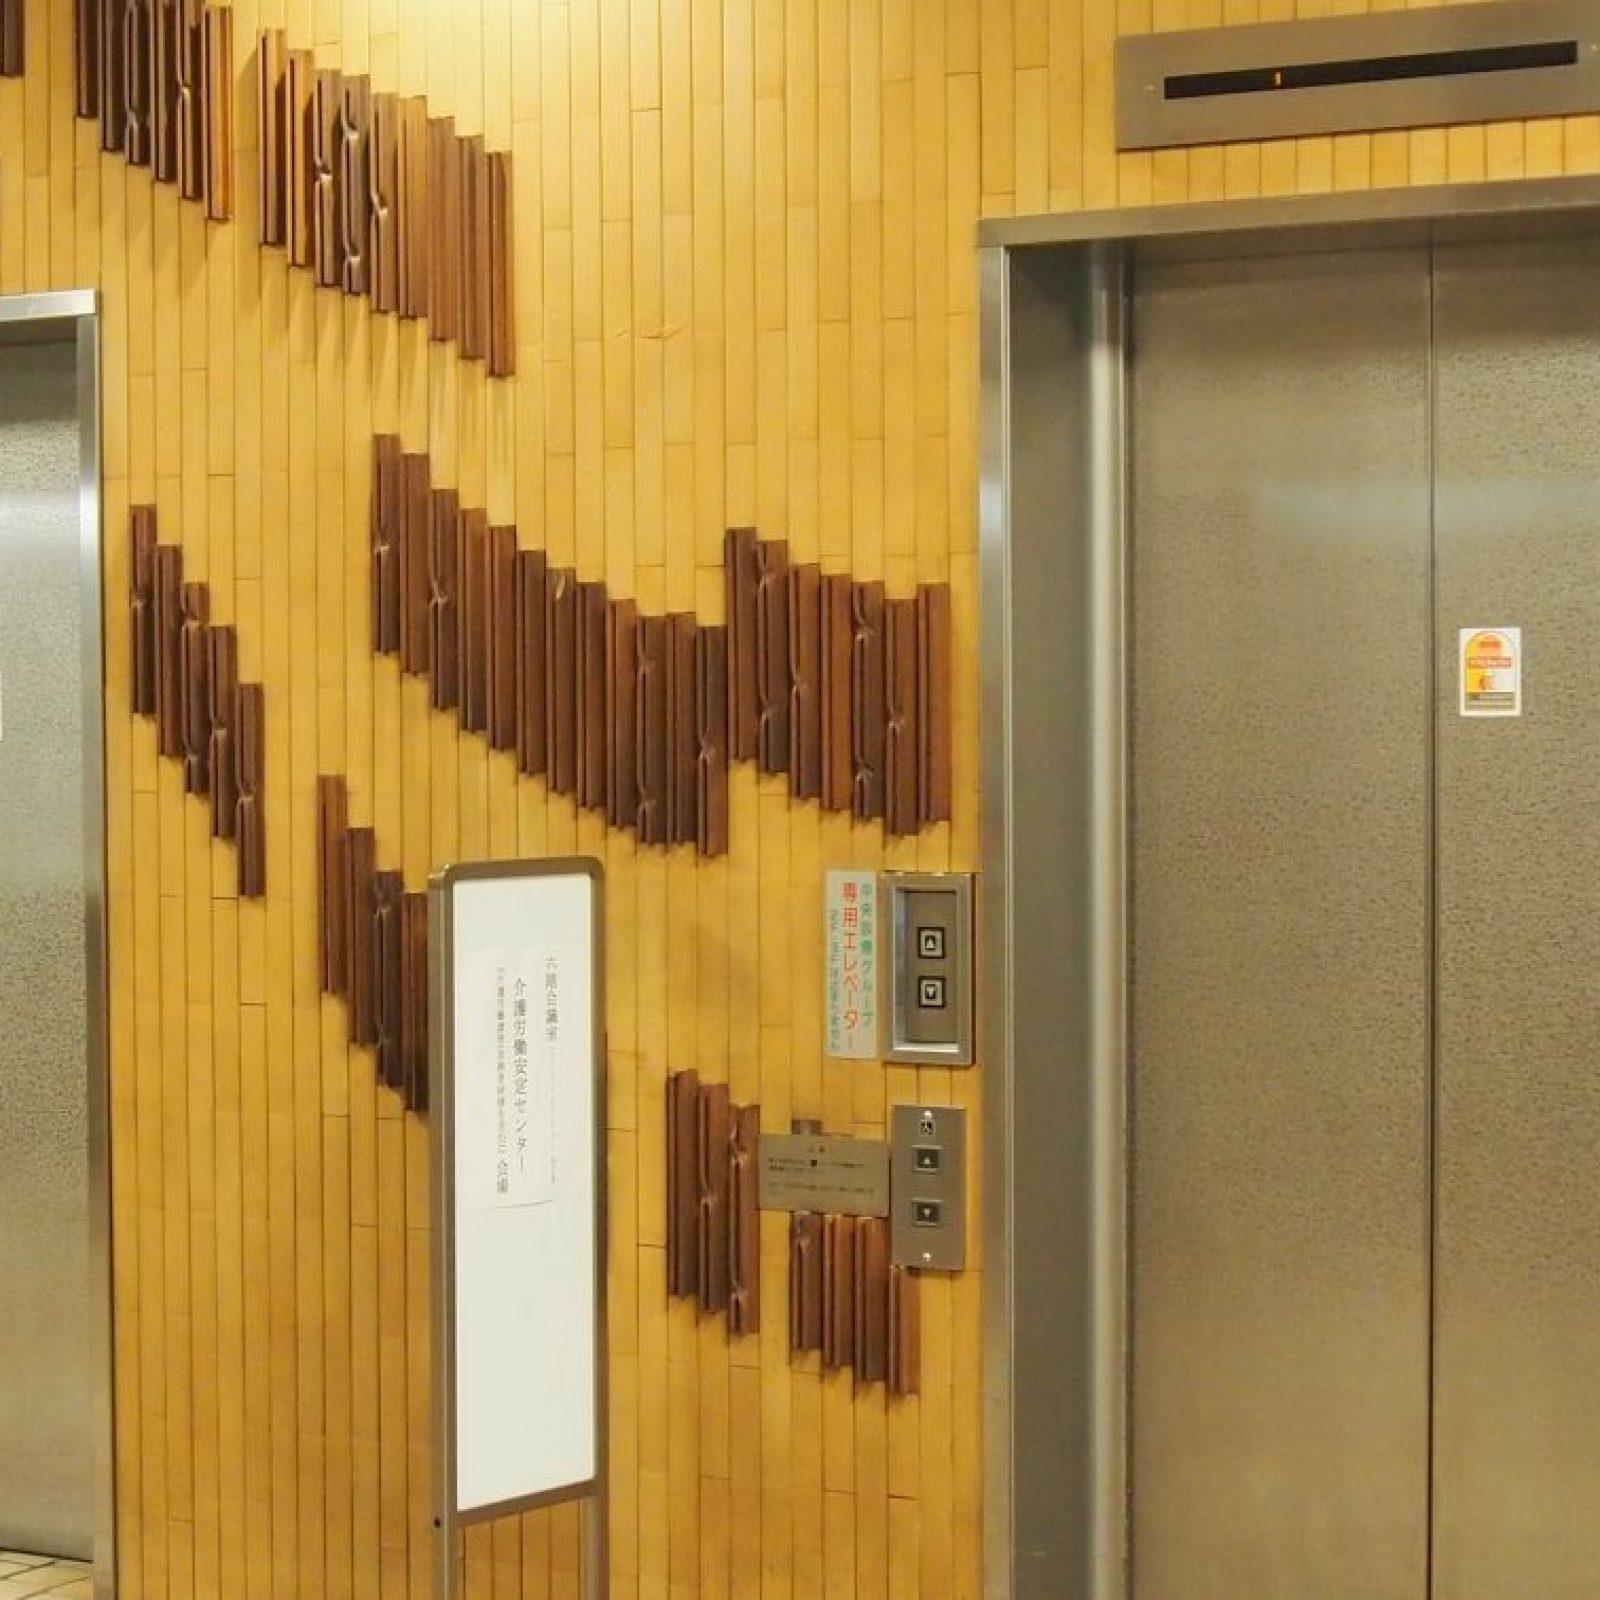 エレベーターに乗って、8階までお進みください。